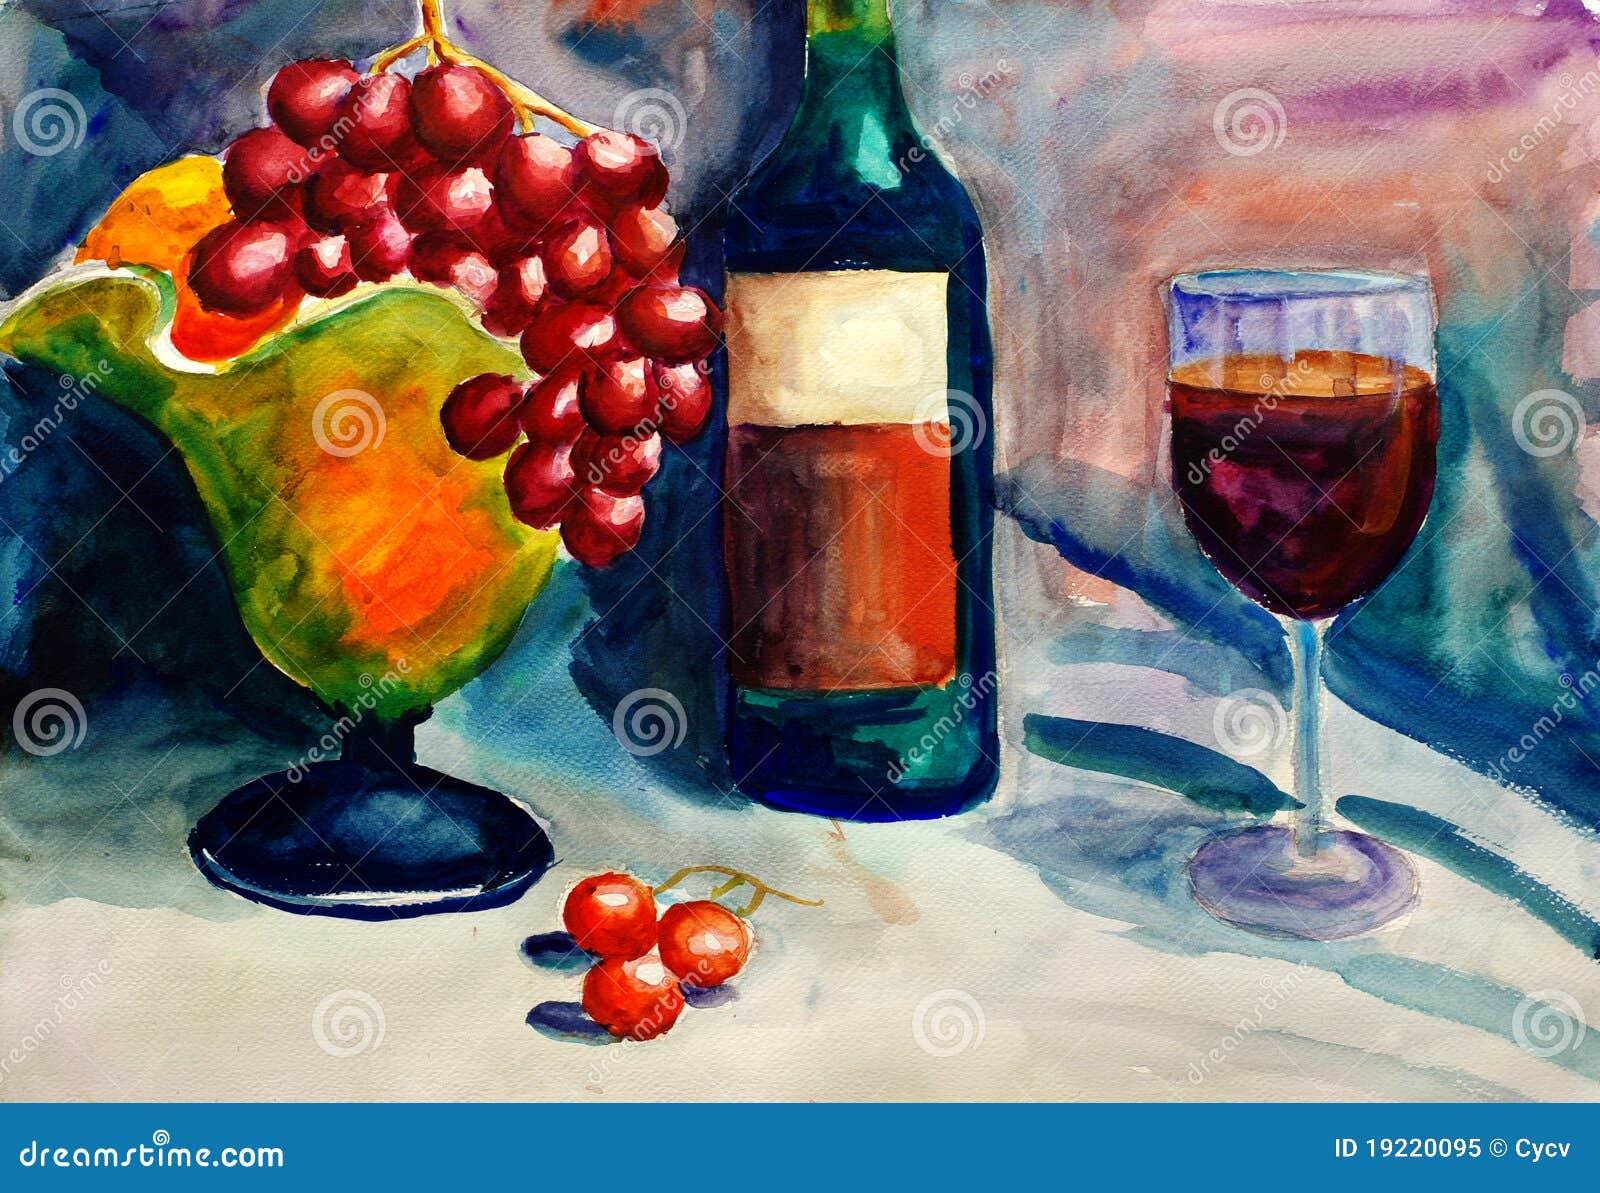 Aquarell-Anstrich - Frucht und Wein